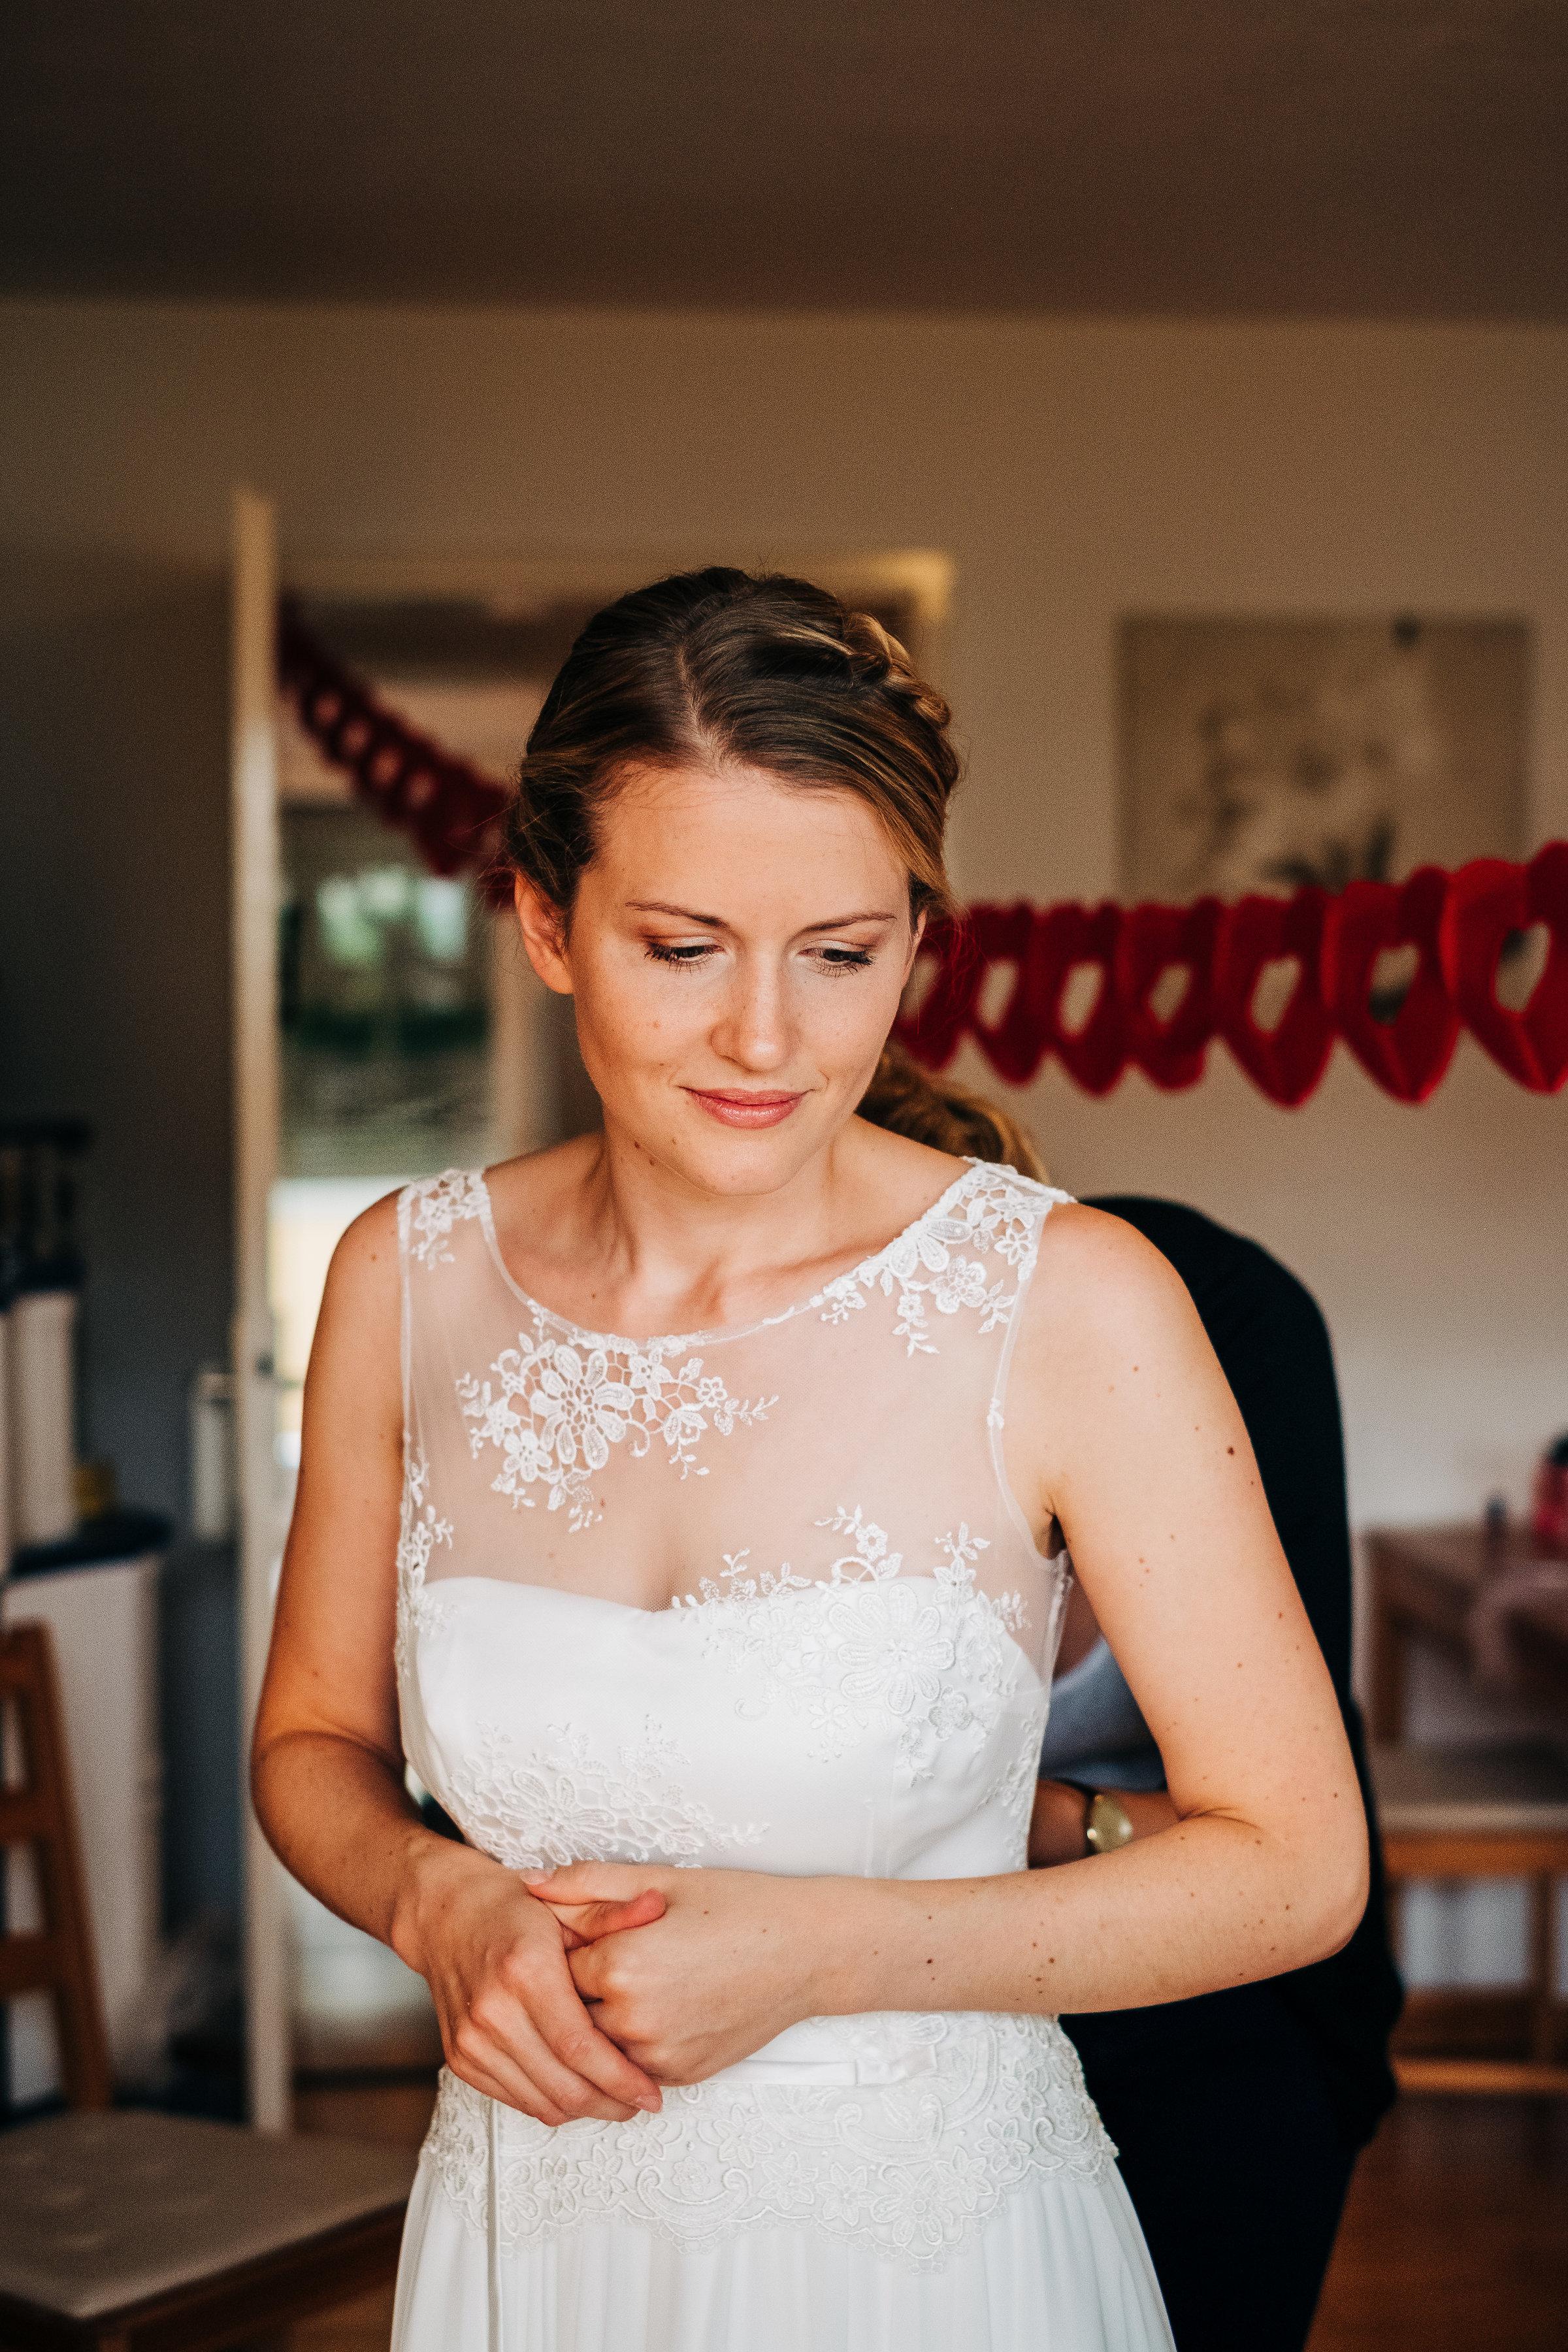 Anna-Hari-Photography-Hochzeitsfotografie-U&H-41.jpg